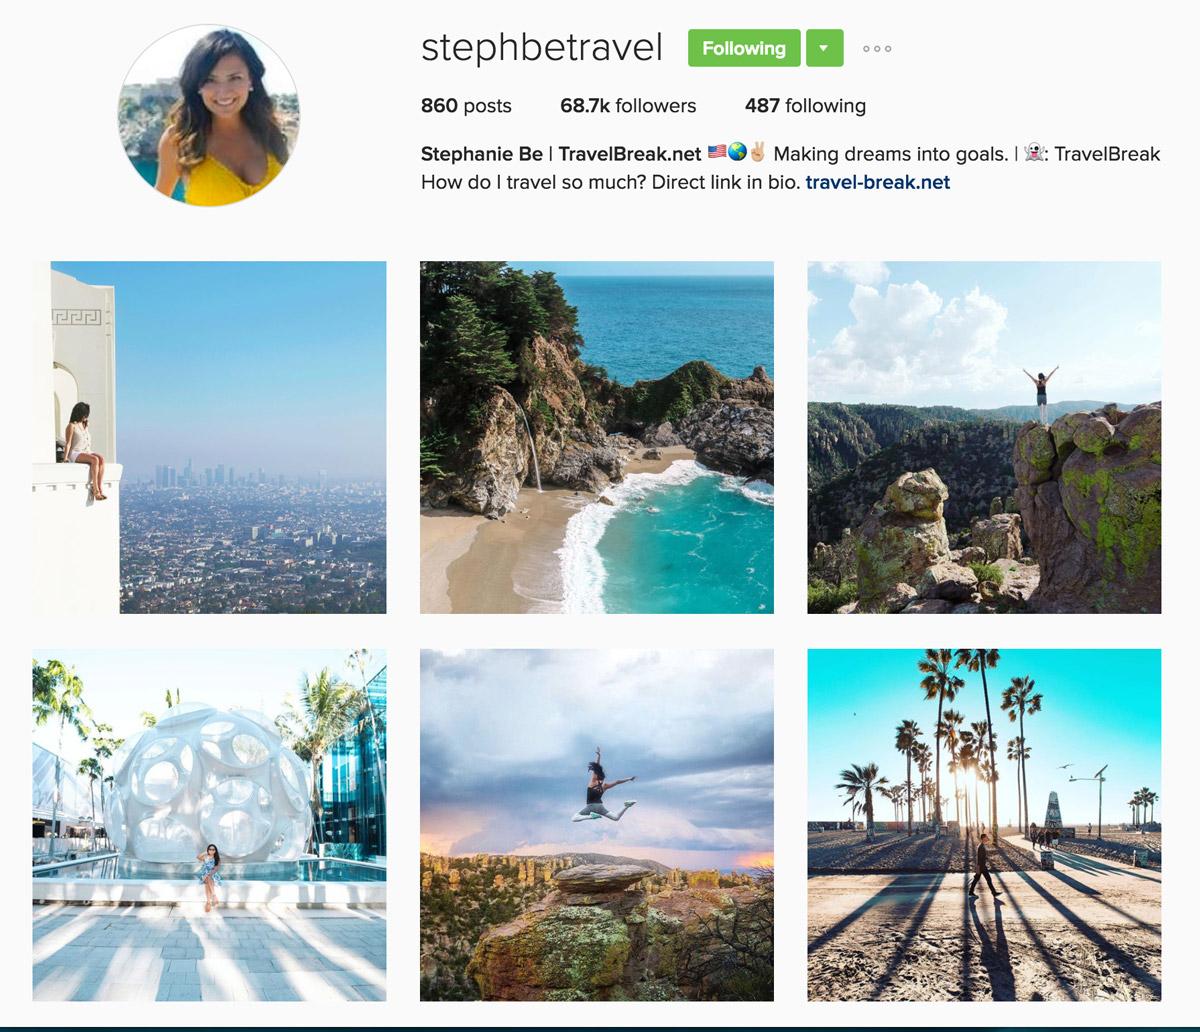 Travel-Instagram-Steph-Be